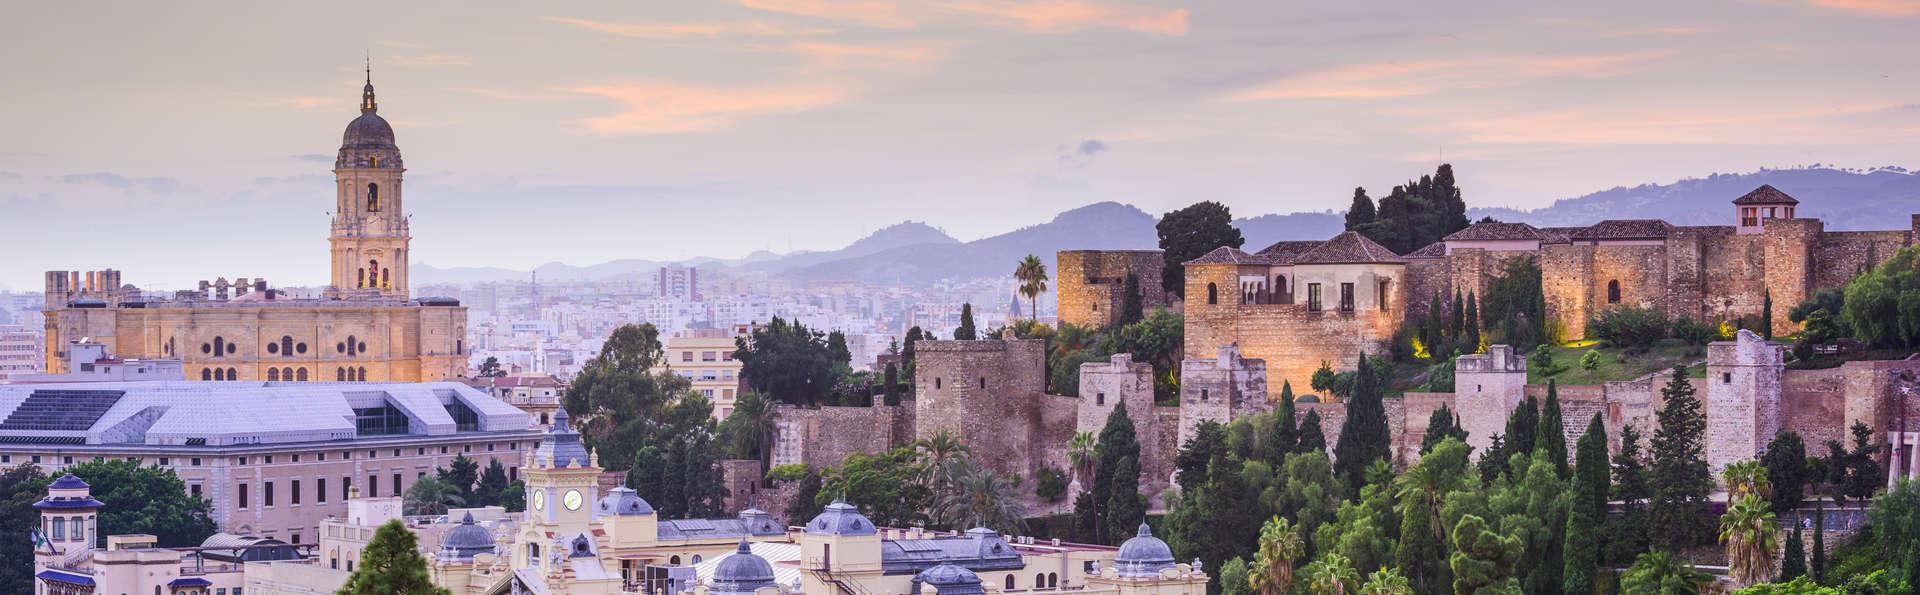 Speciale innamorati: cena nel centro di Malaga